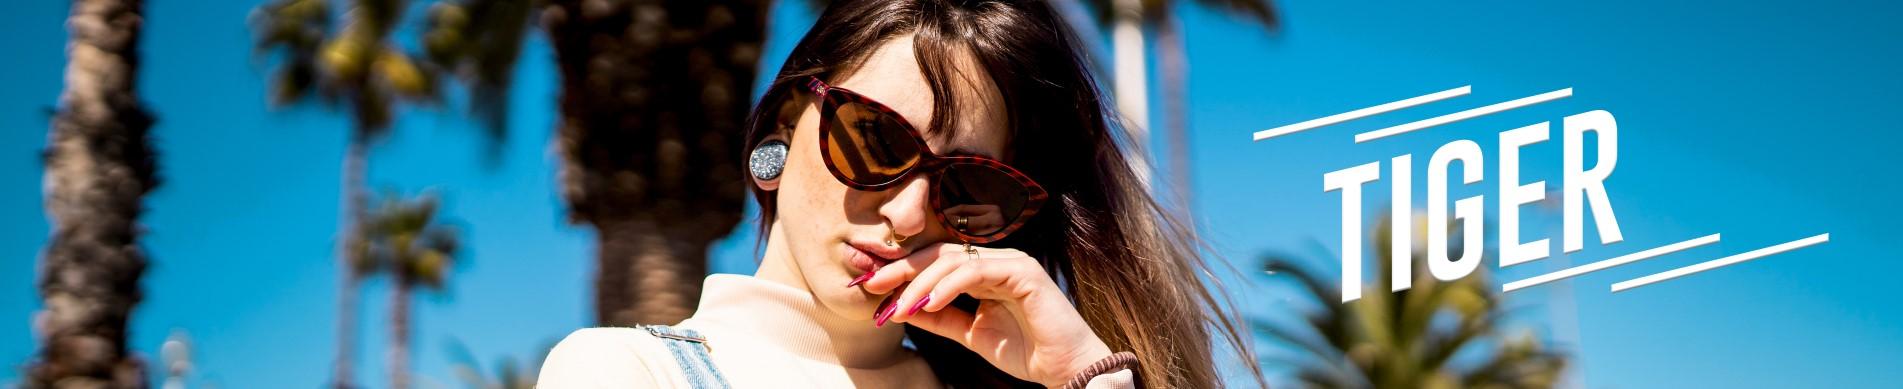 Gafas de sol Tiger